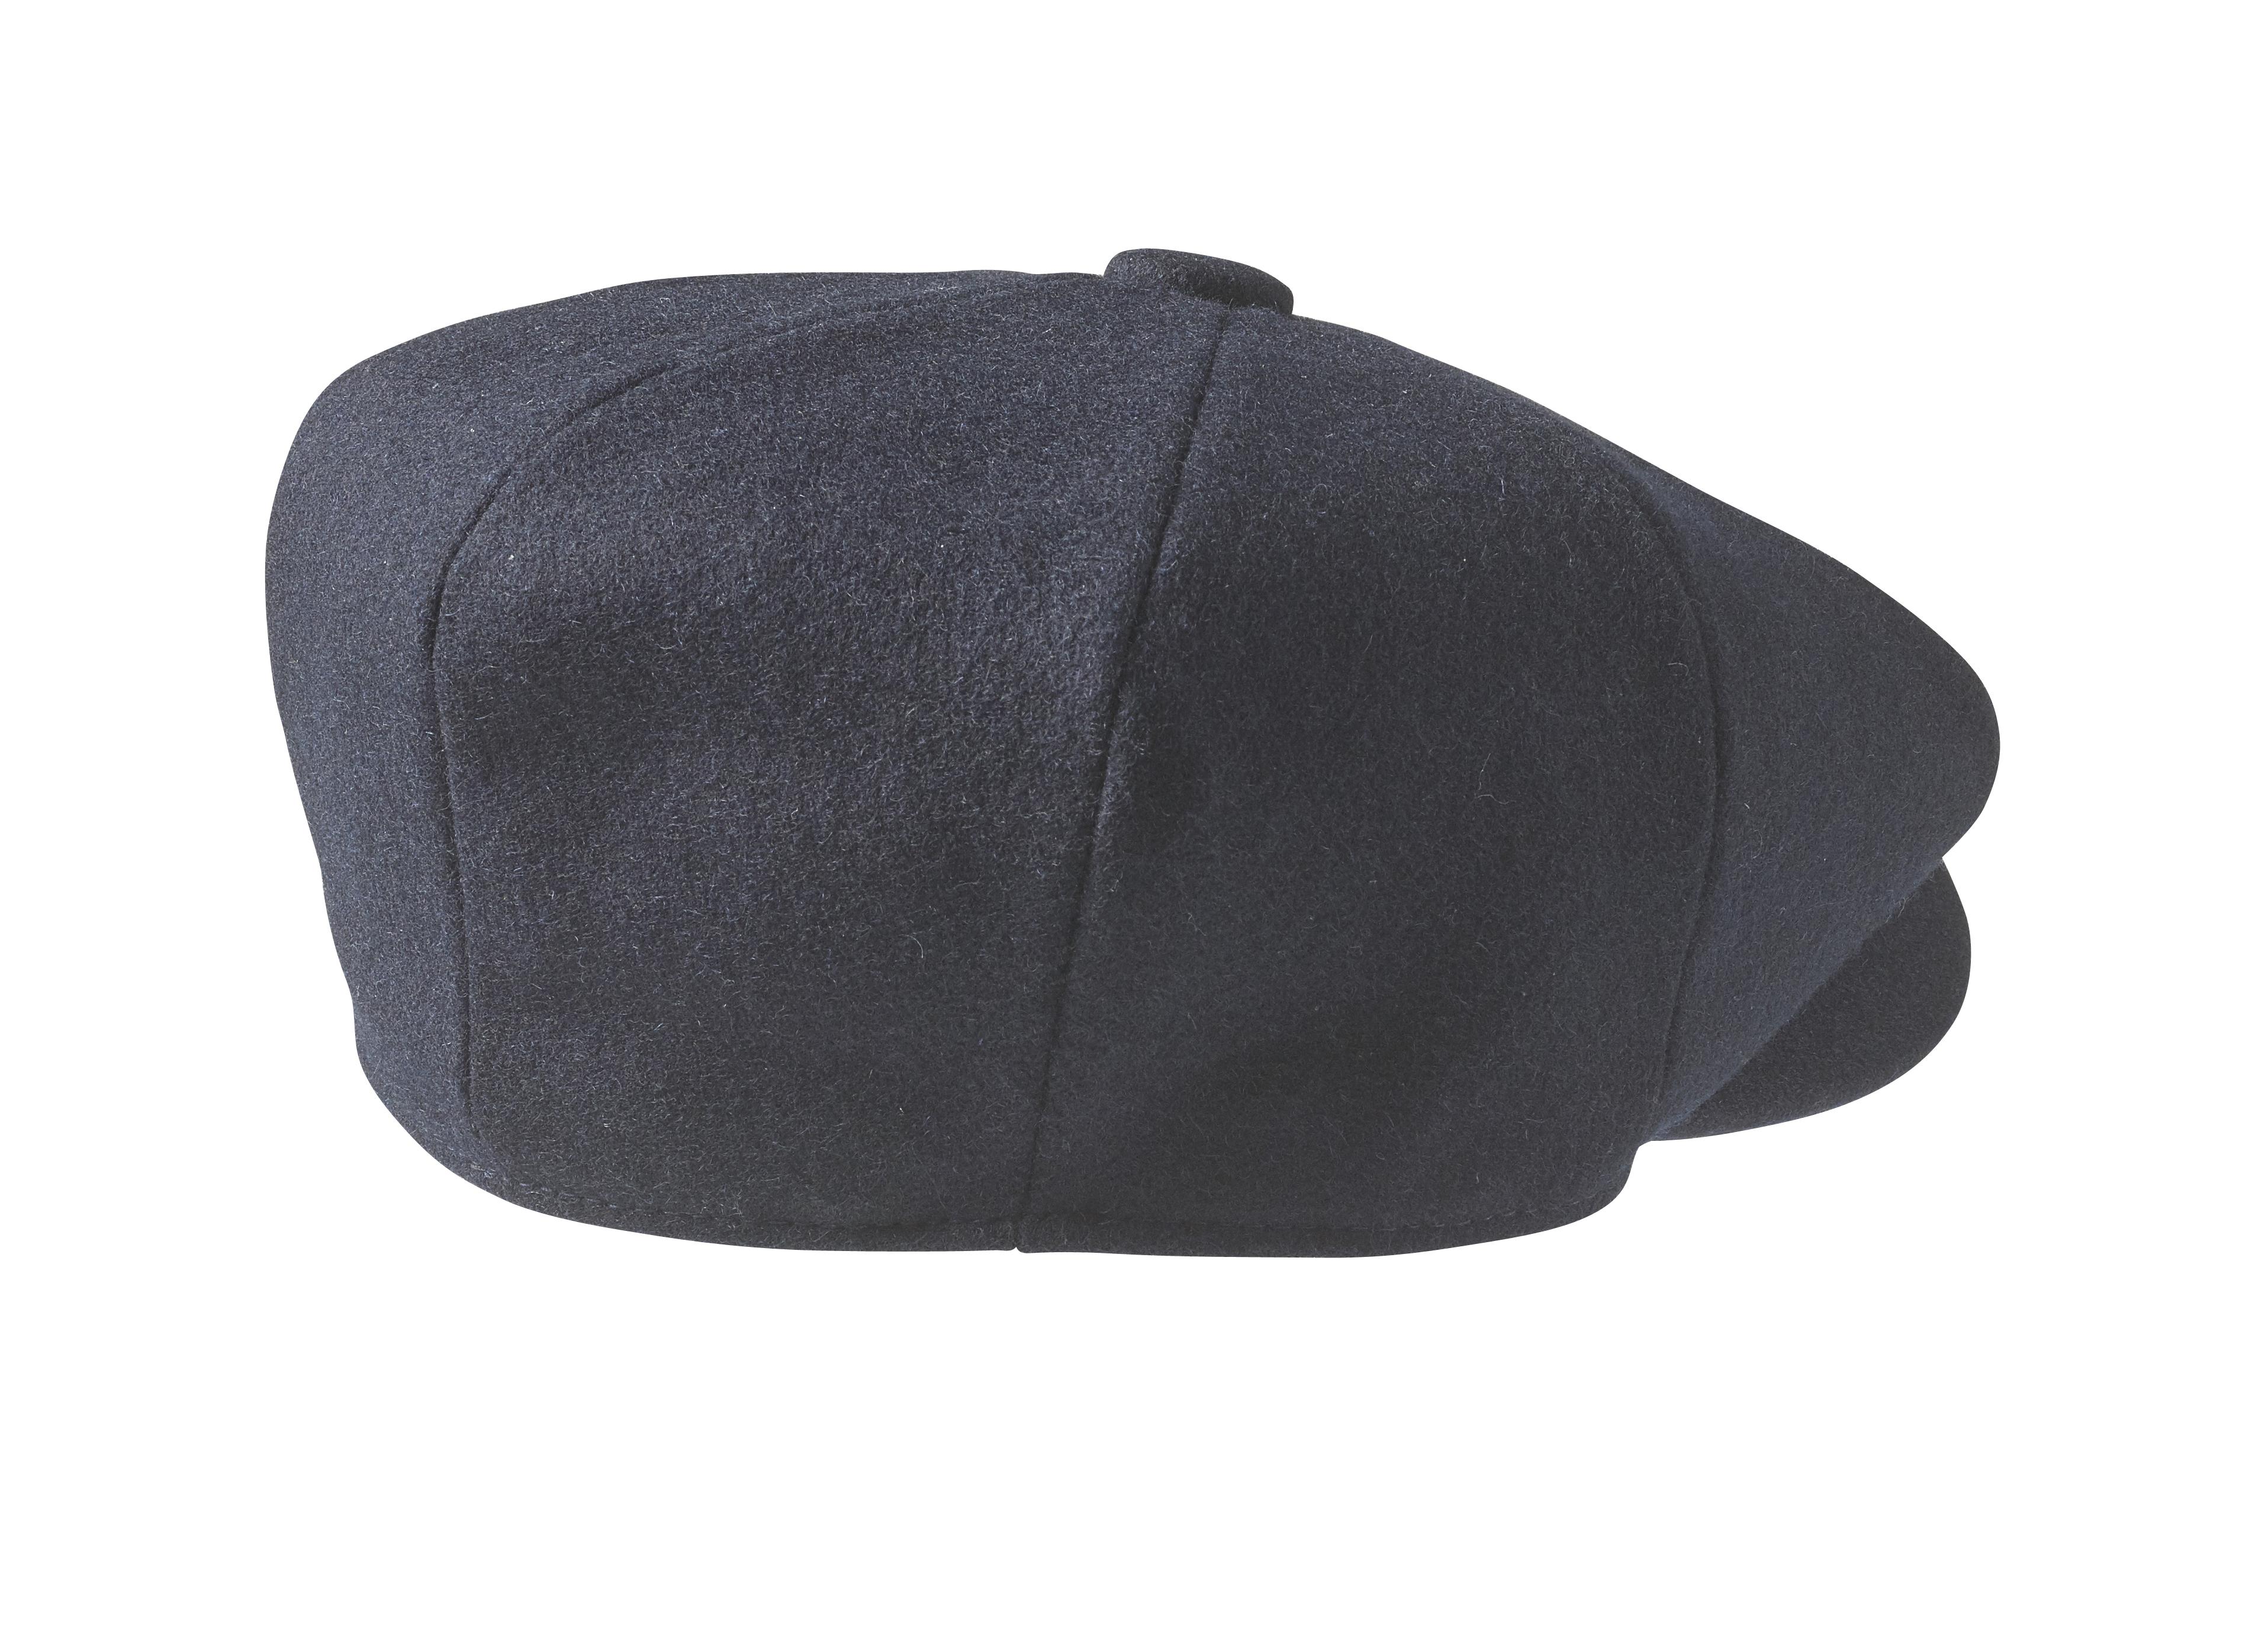 Peaky Blinders - 100% Melton Wool - Navy Blue Newsboy Cap 1c5d4d8c845